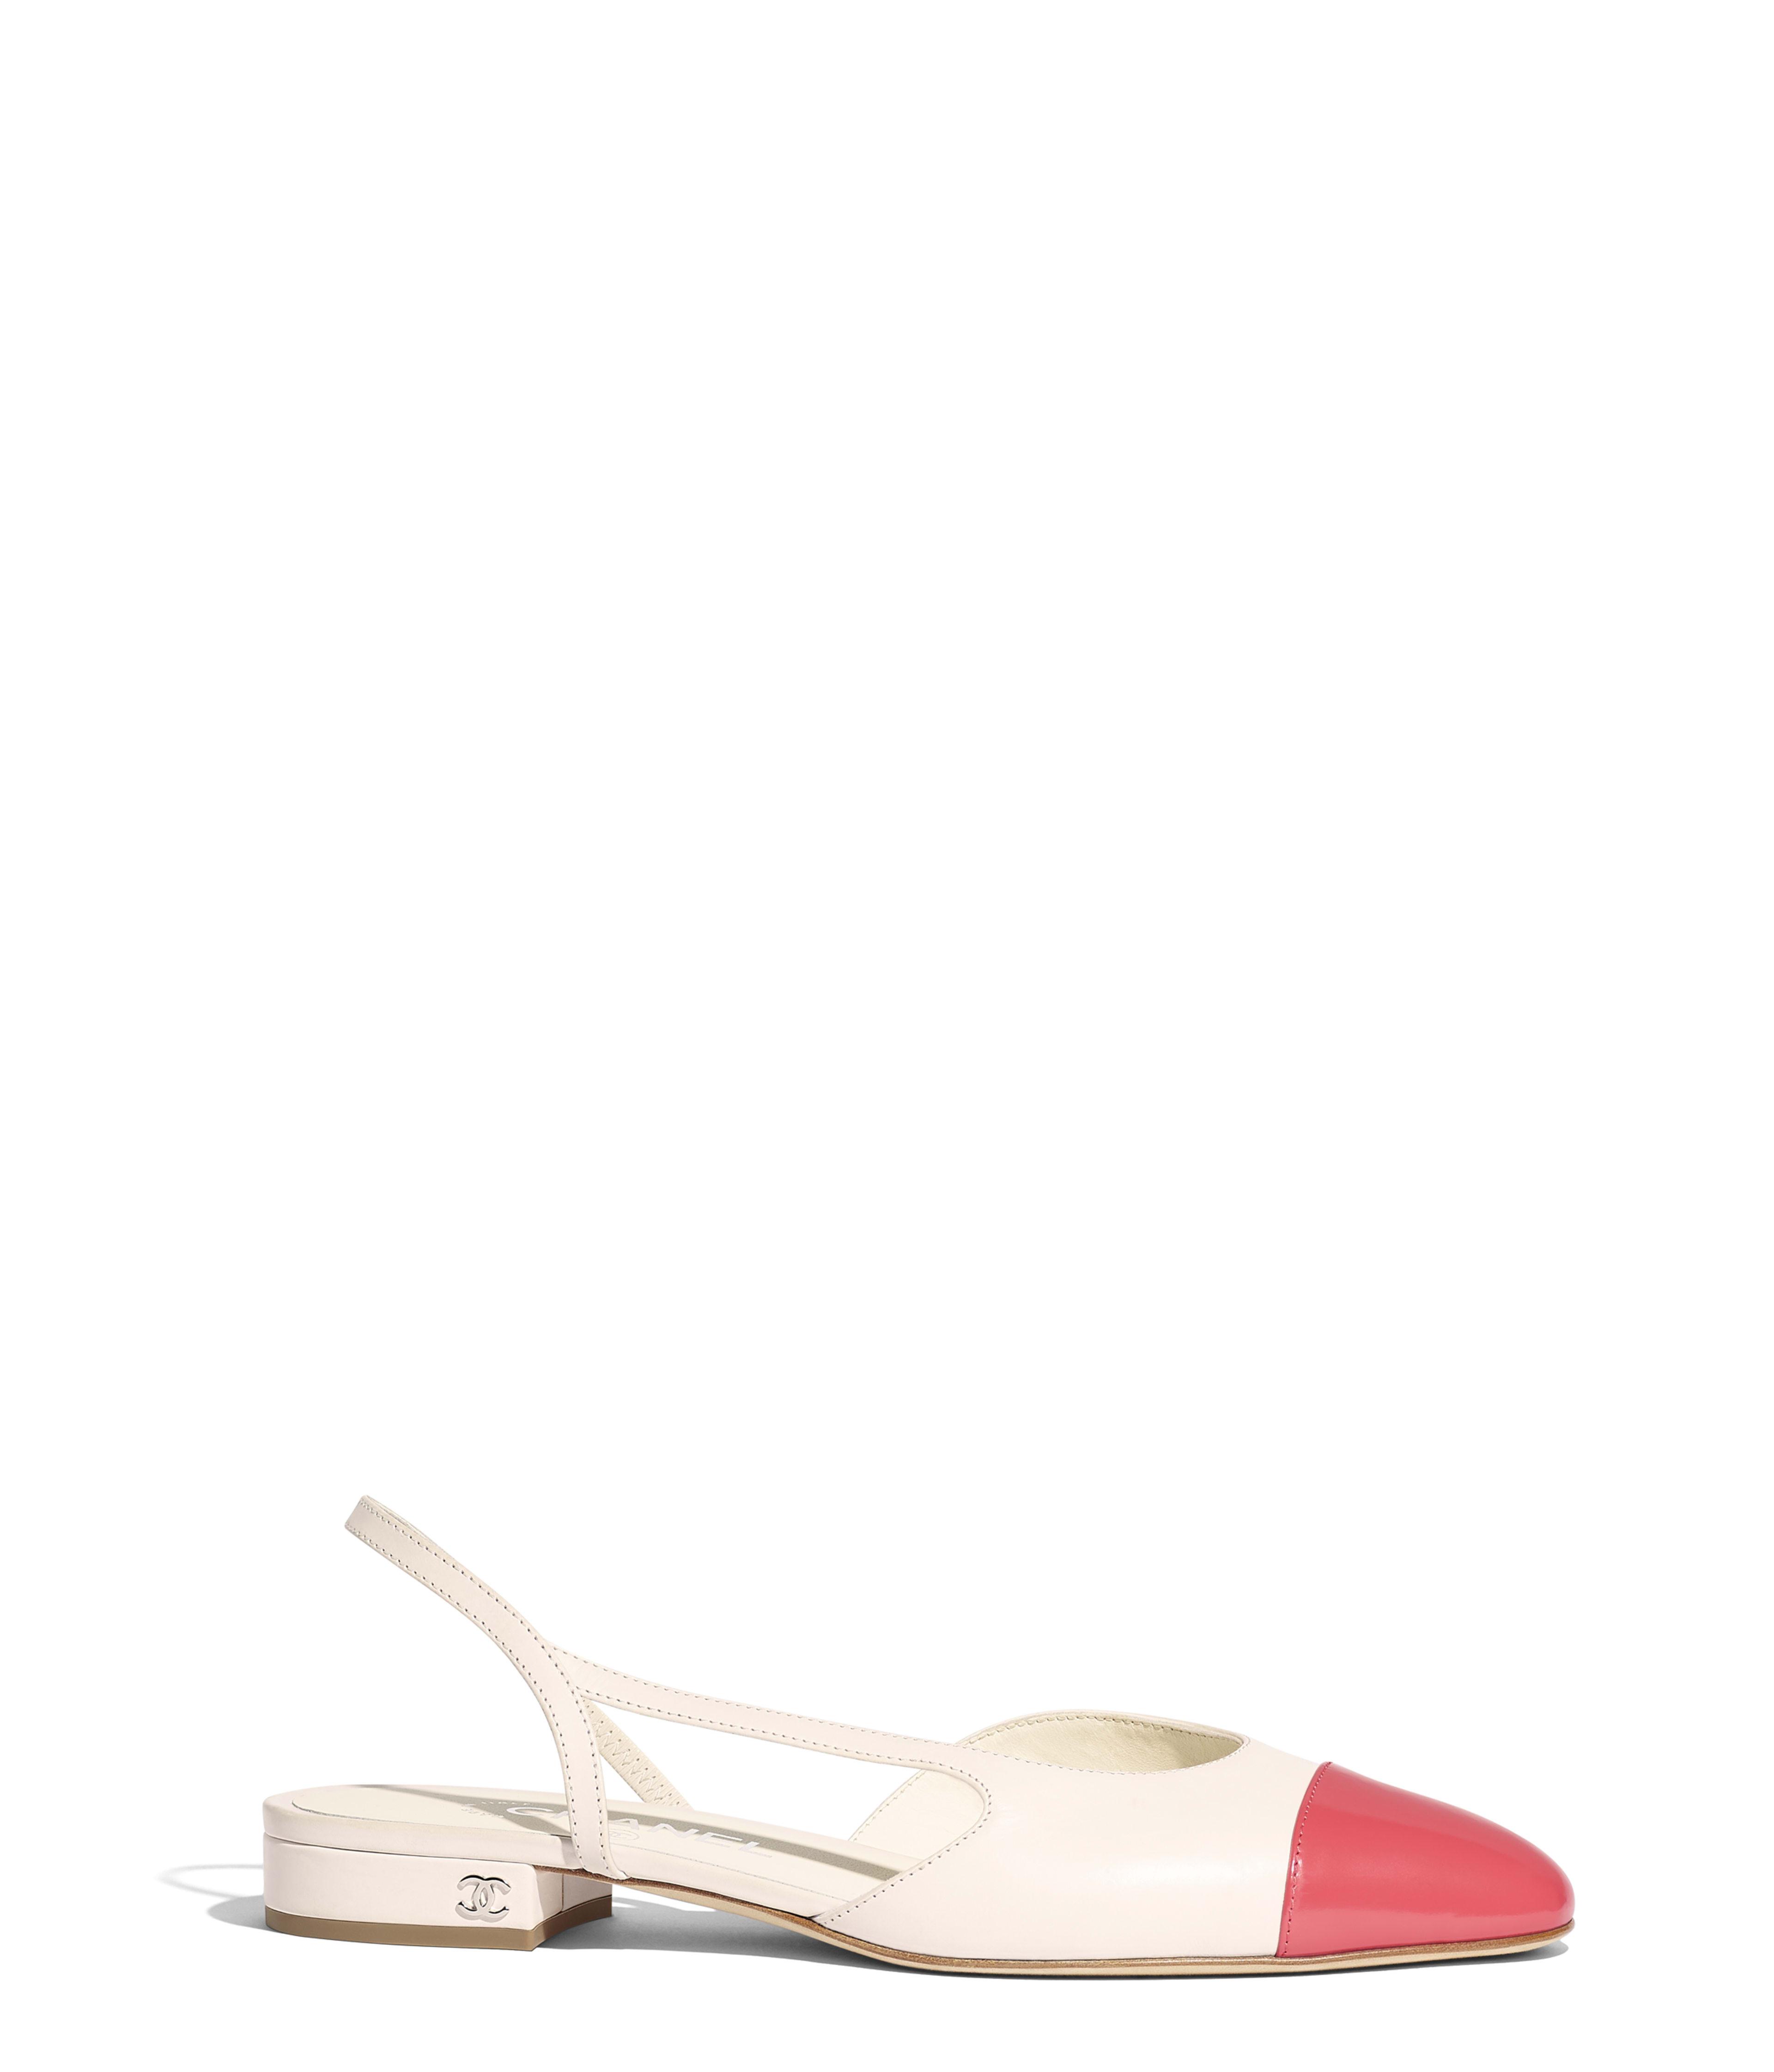 ac4d4807f9a Slingbacks Calfskin   Glazed Calfskin